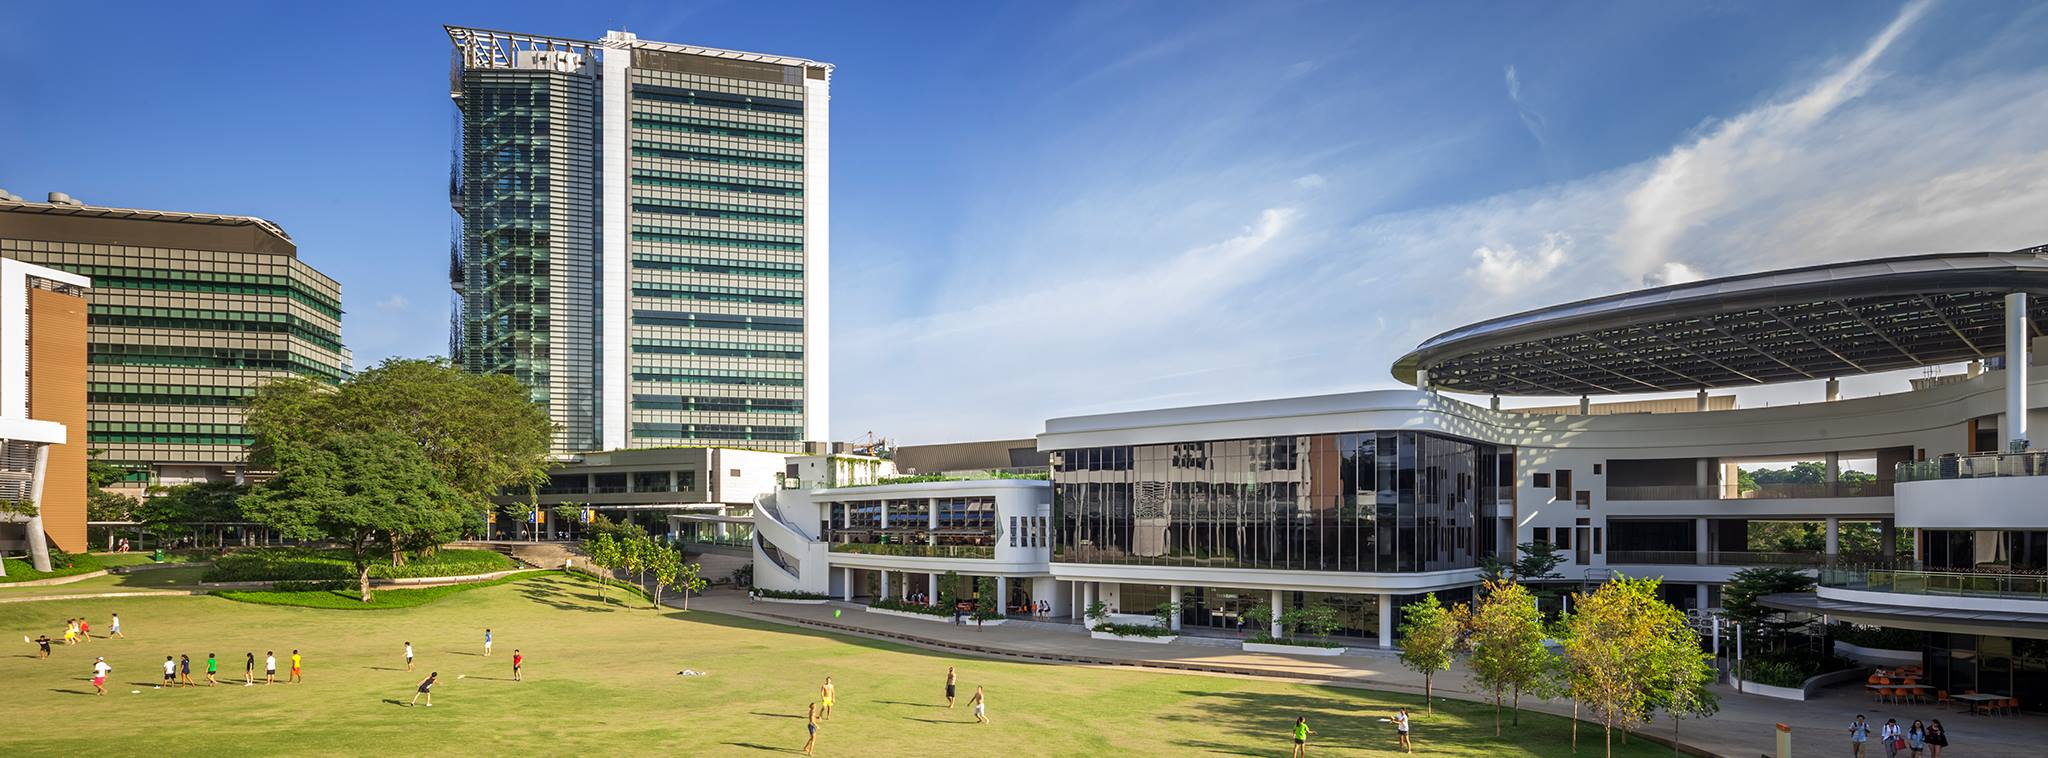 National University of Singapore – NUS Campus